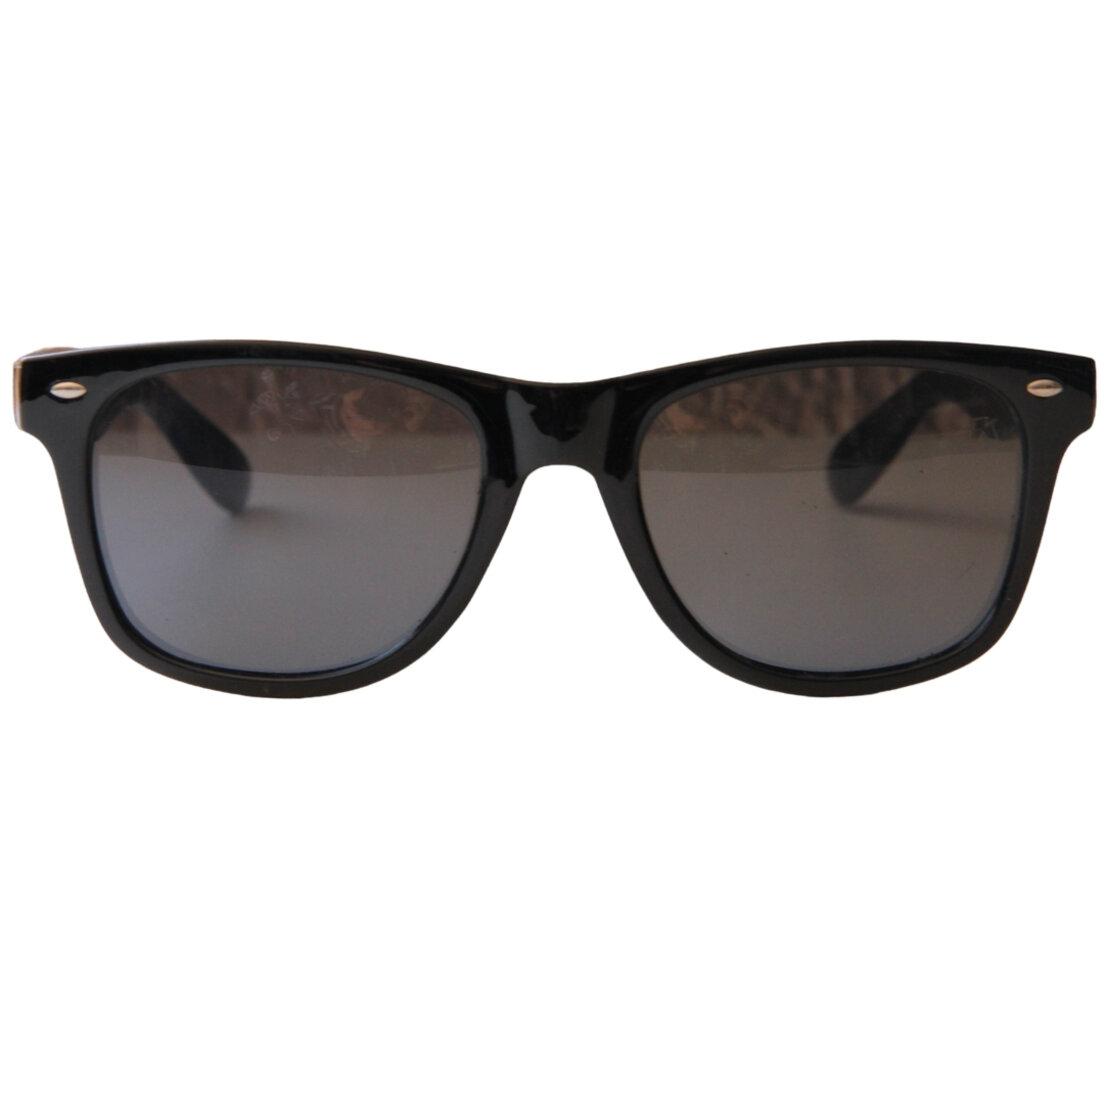 OUTLET - Óculos de Sol Khatto Square - Black